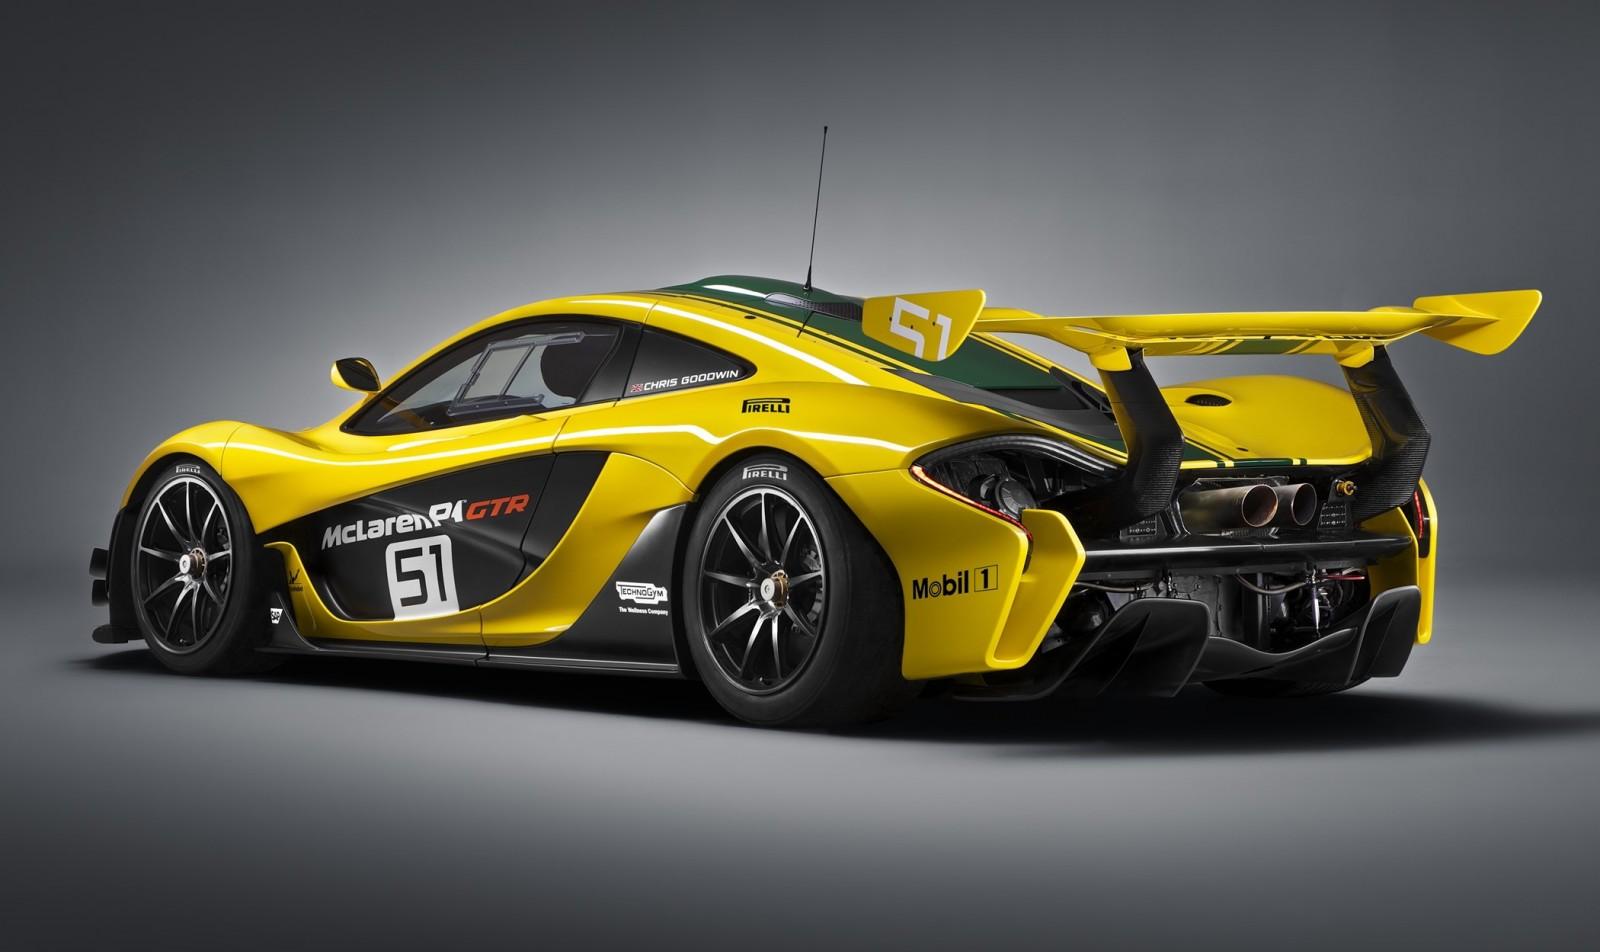 2016 Mclaren P1 Gtr Yellow